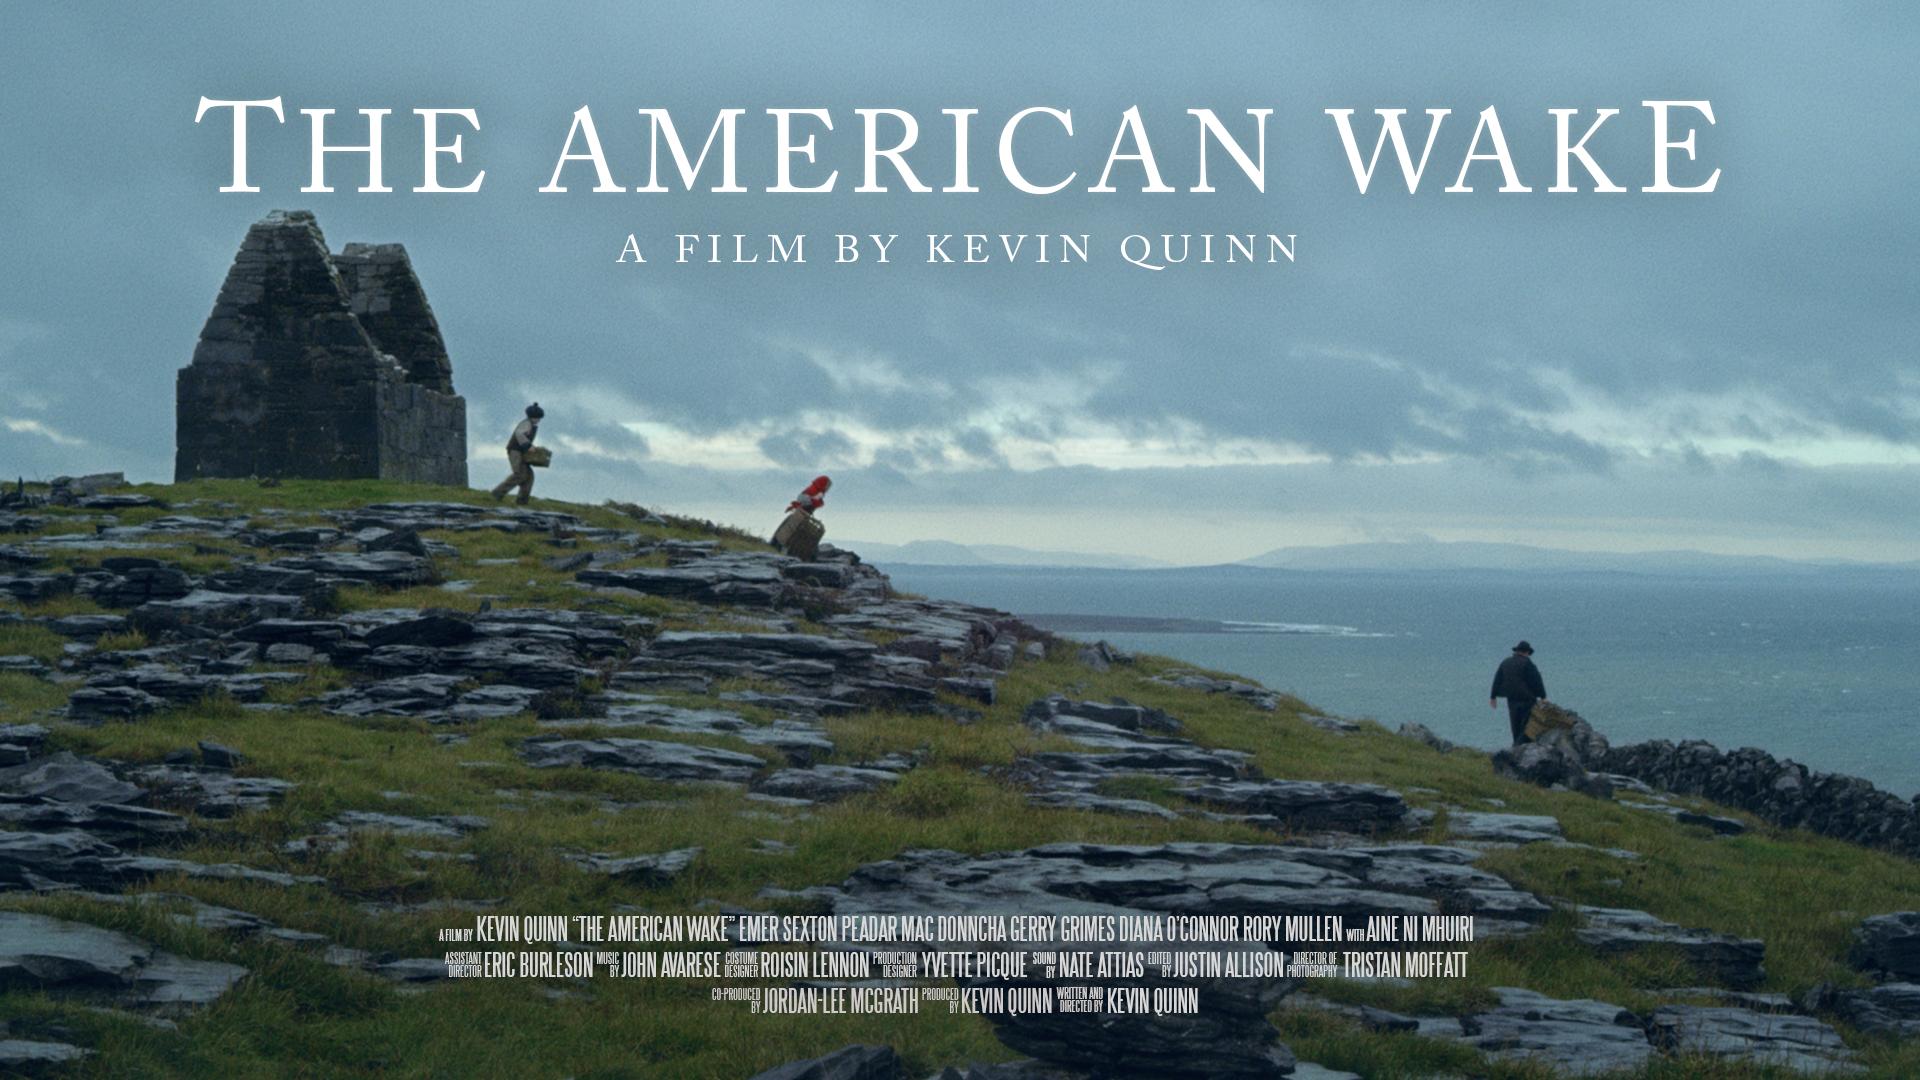 The American Wake